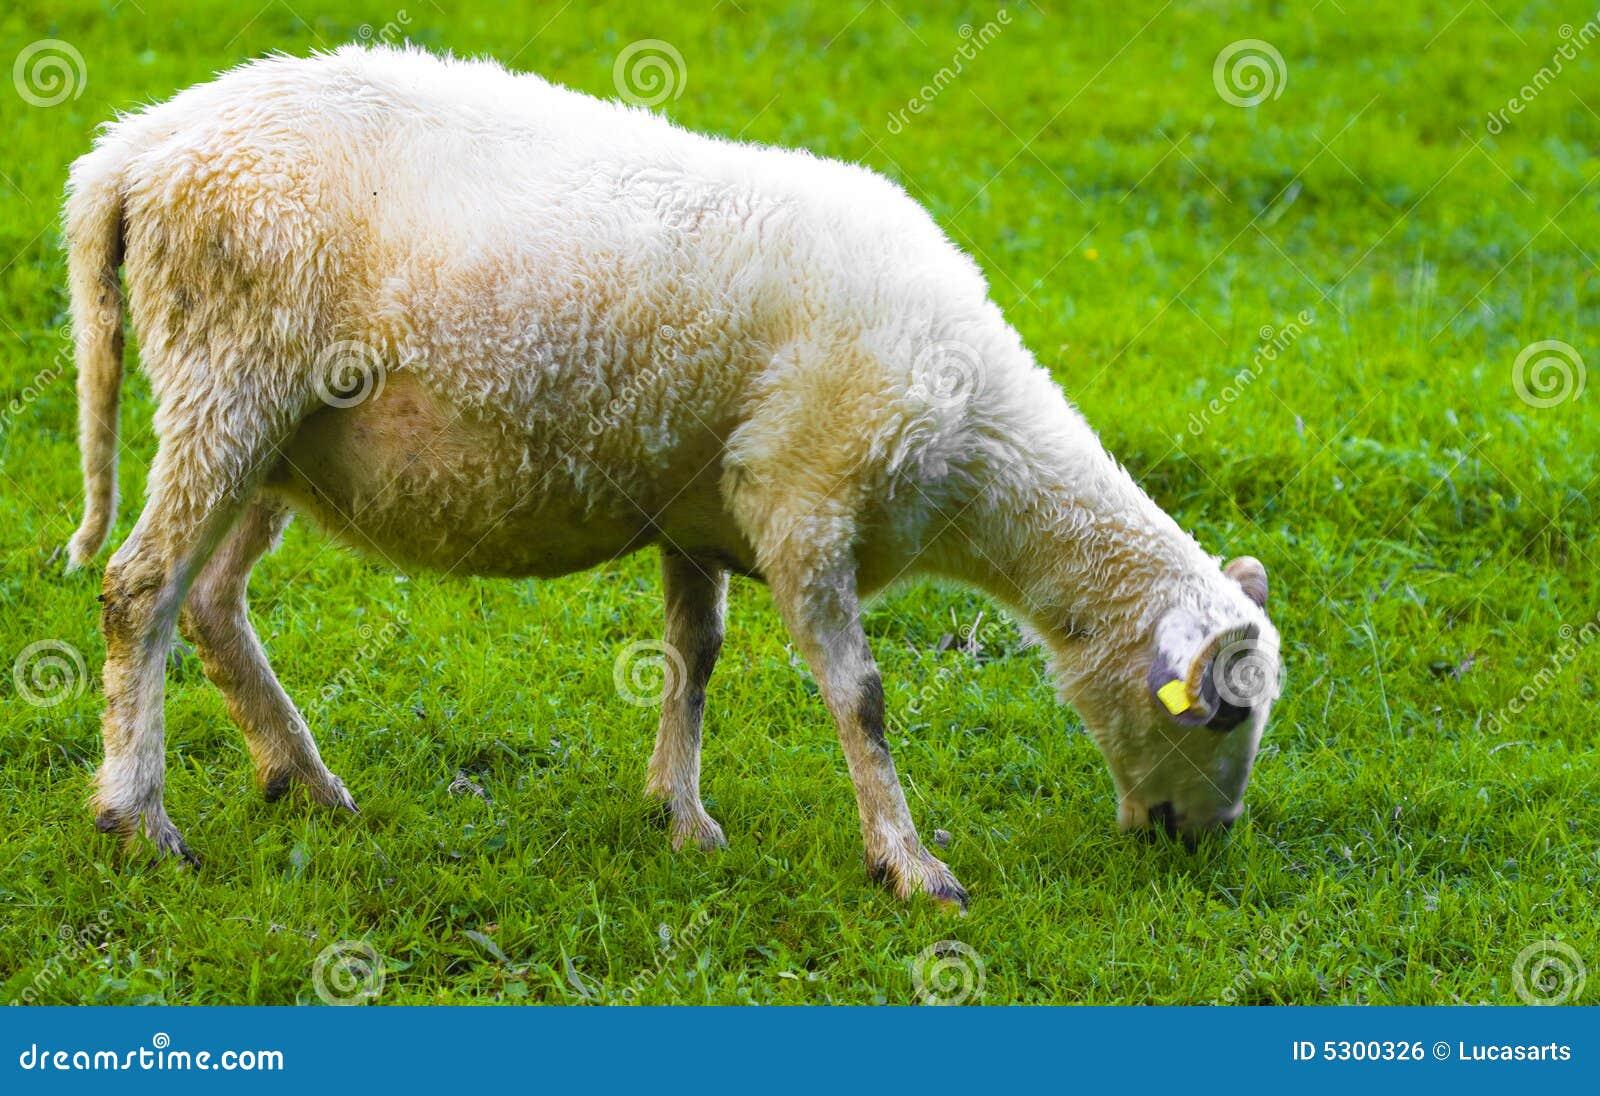 Download Pecore fotografia stock. Immagine di agnelli, campi, erba - 5300326